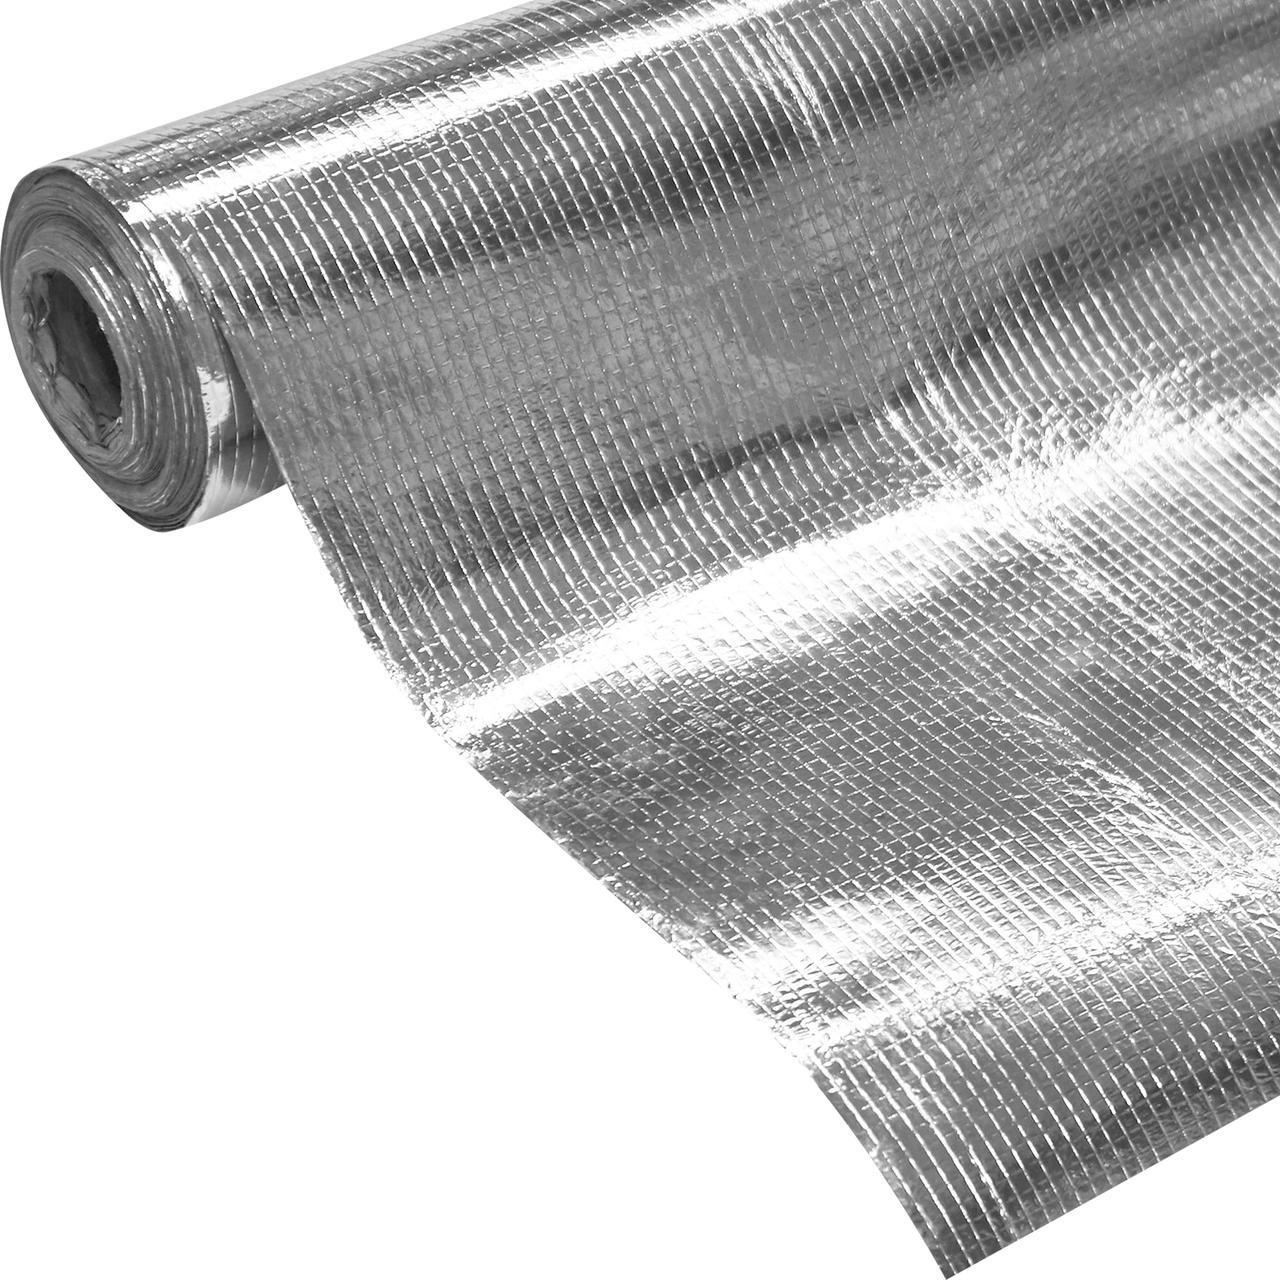 Основные сведения о фольге для бани: какую фольгу нужно использовать